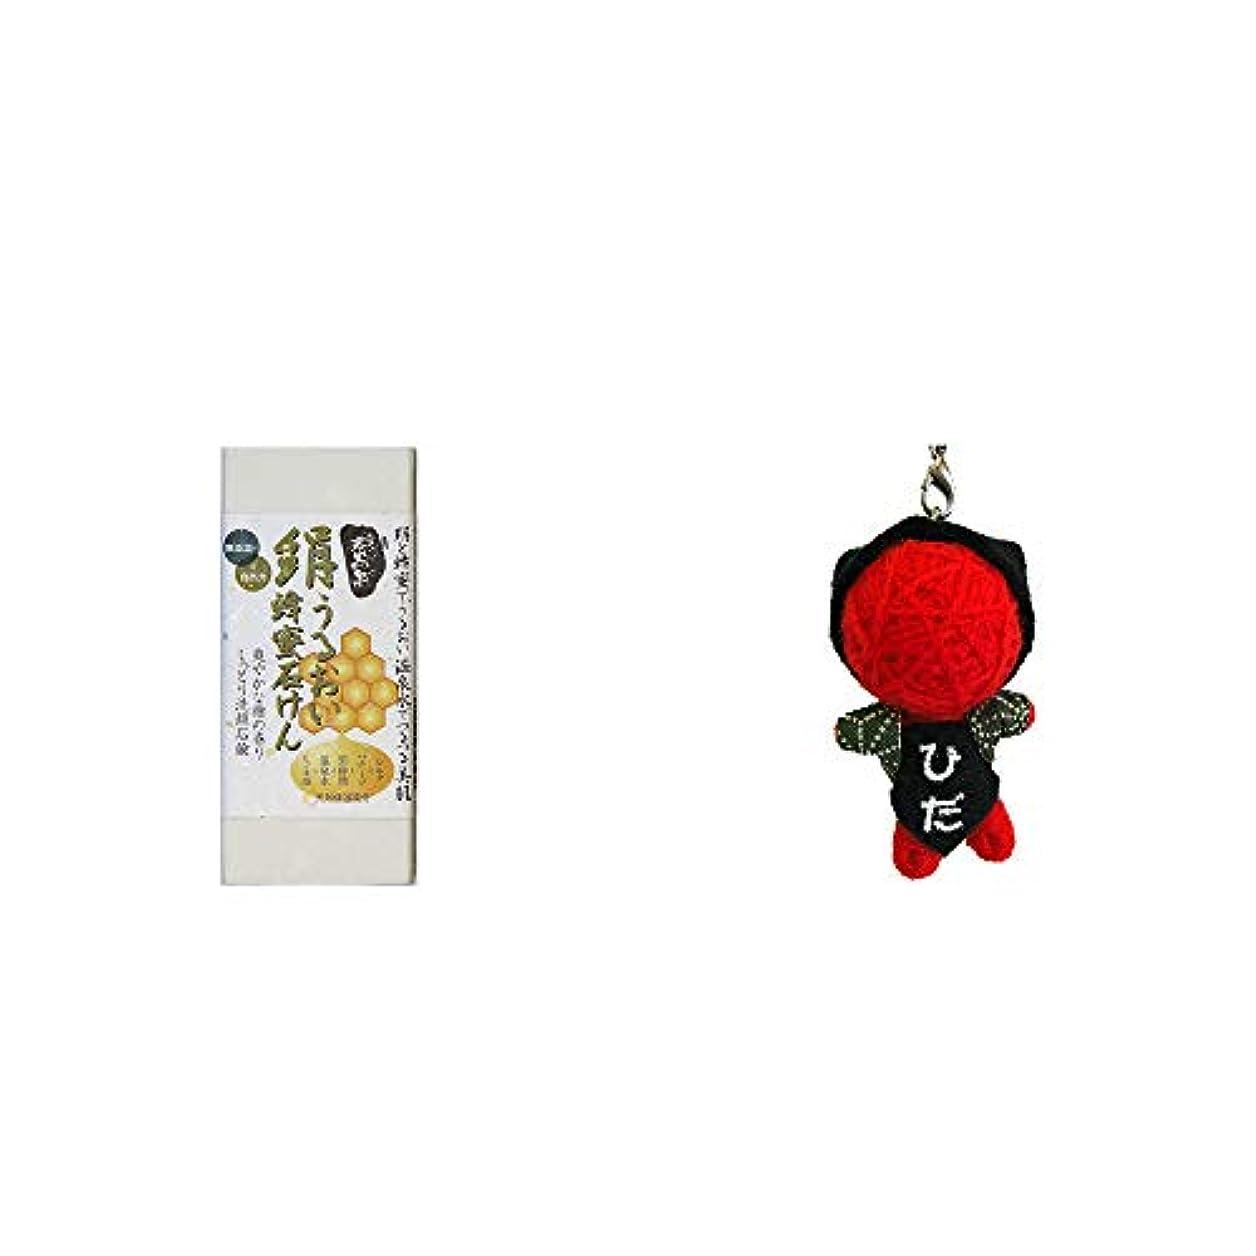 廃止するデコードする平行[2点セット] ひのき炭黒泉 絹うるおい蜂蜜石けん(75g×2)?ハッピー さるぼぼドール ブドゥドール(ストラップ) / 魔除け?身代わり人形 //